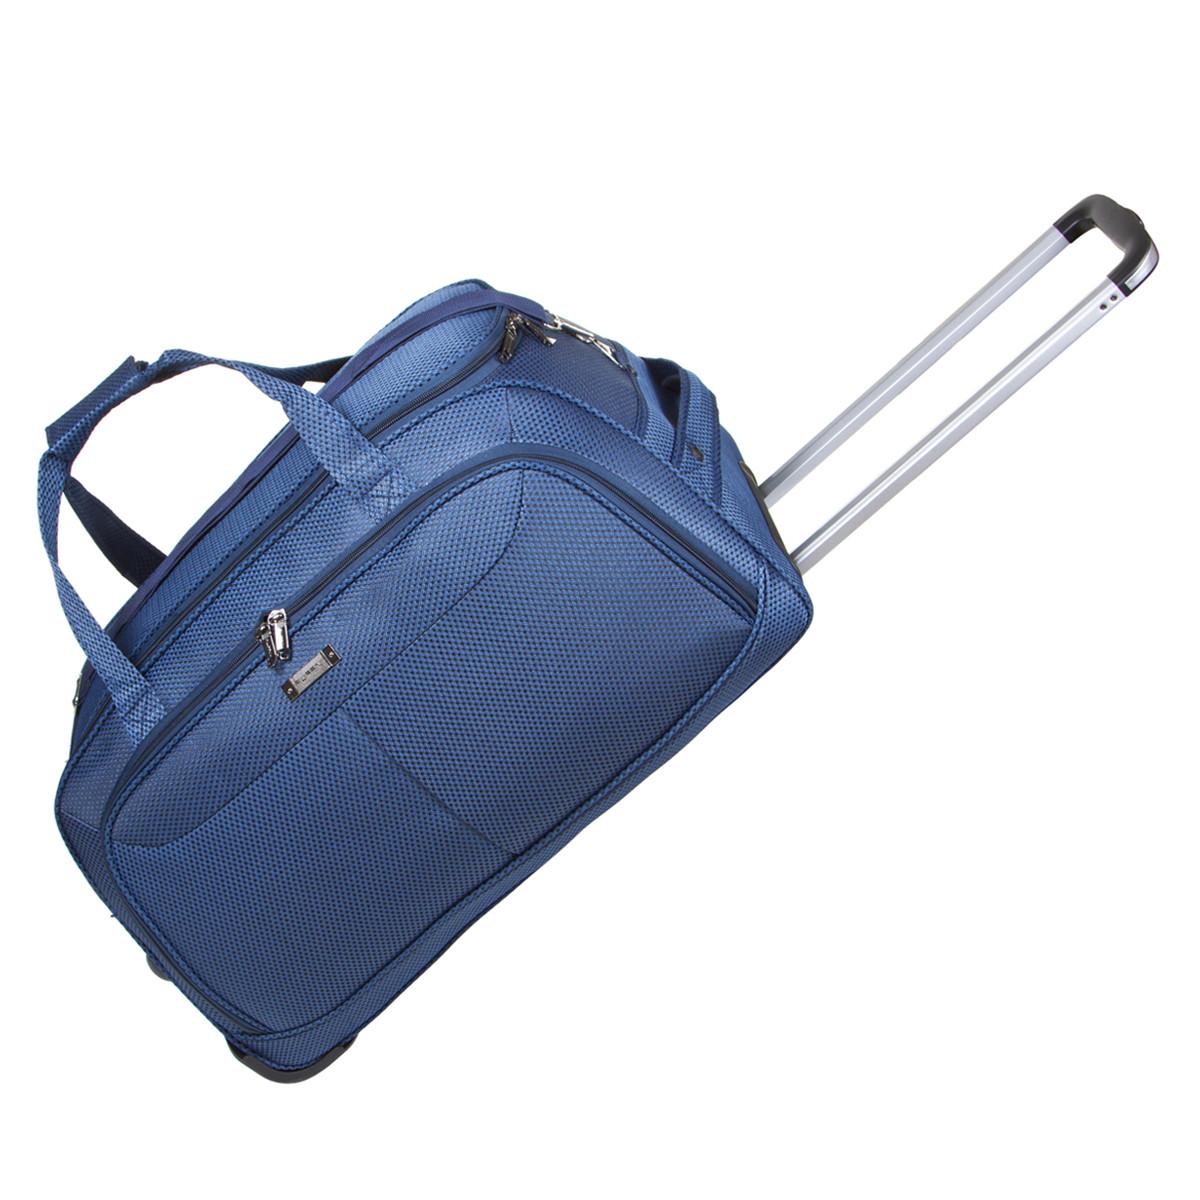 Дорожня сумка середня FILIPPINI три колеса висувна ручка 62х33х38 синя ксТ0045синср